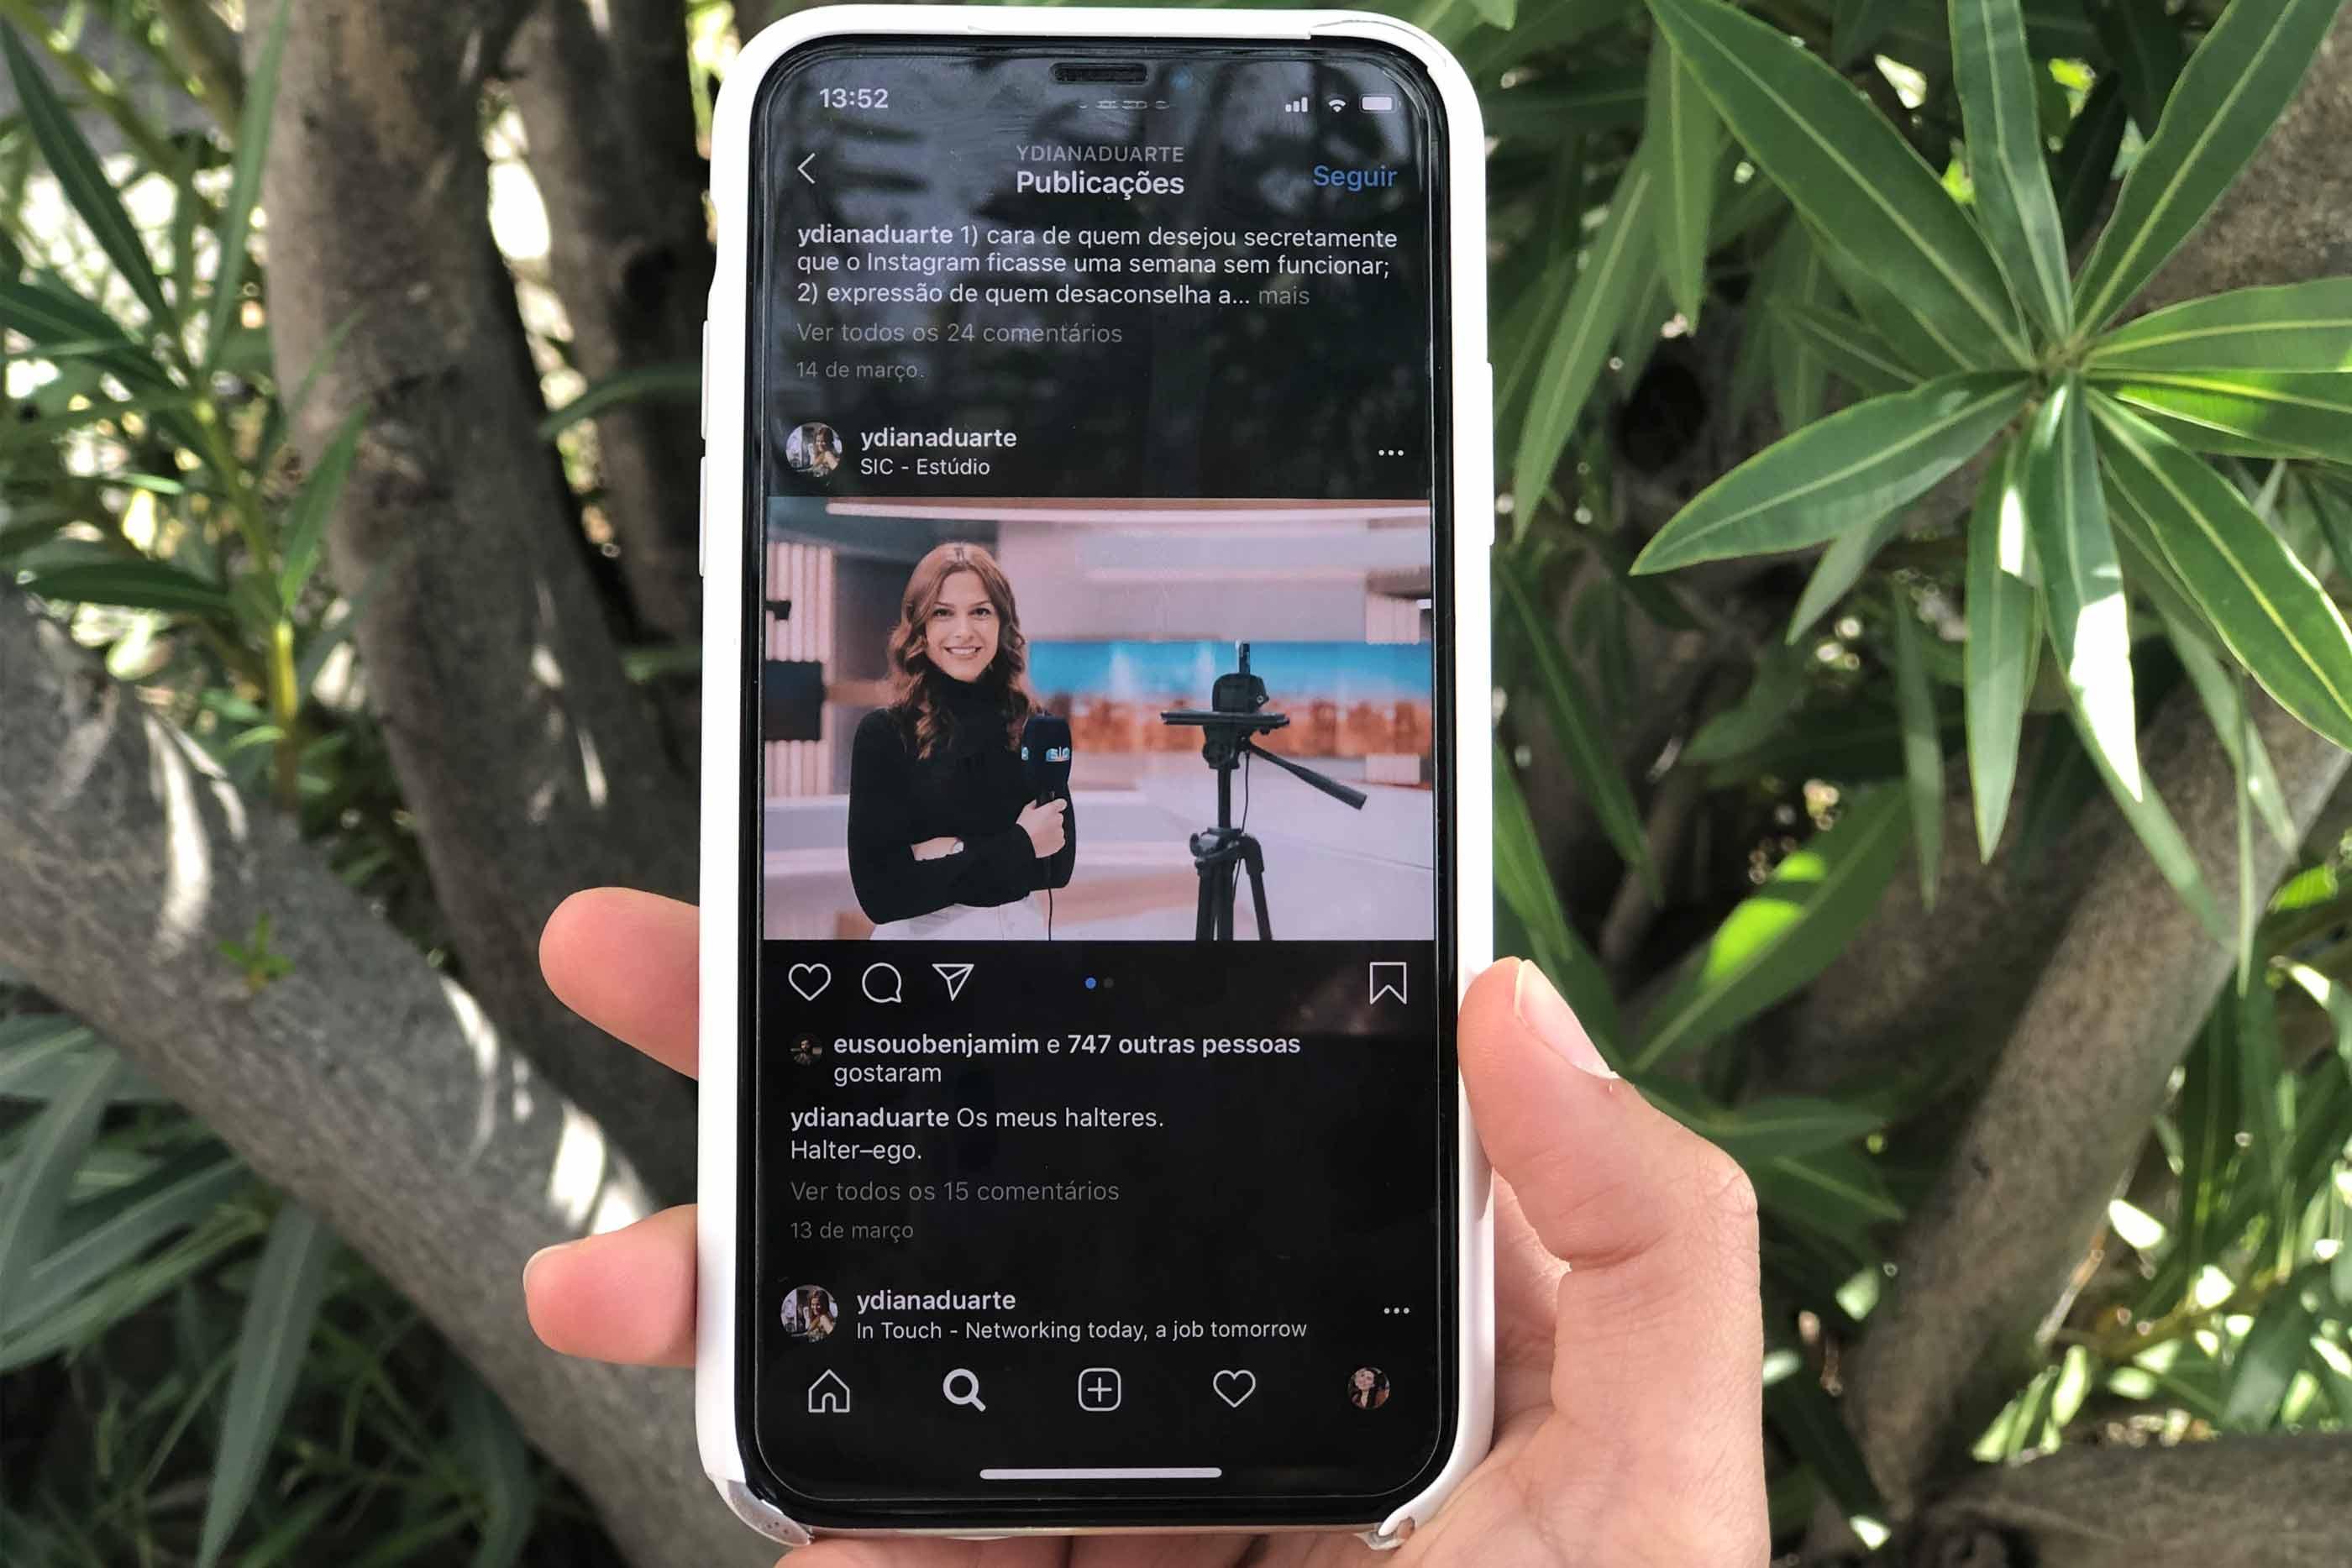 Fotografia do feed de instagram de Diana Duarte com uma fotografia em que a própria aparece.